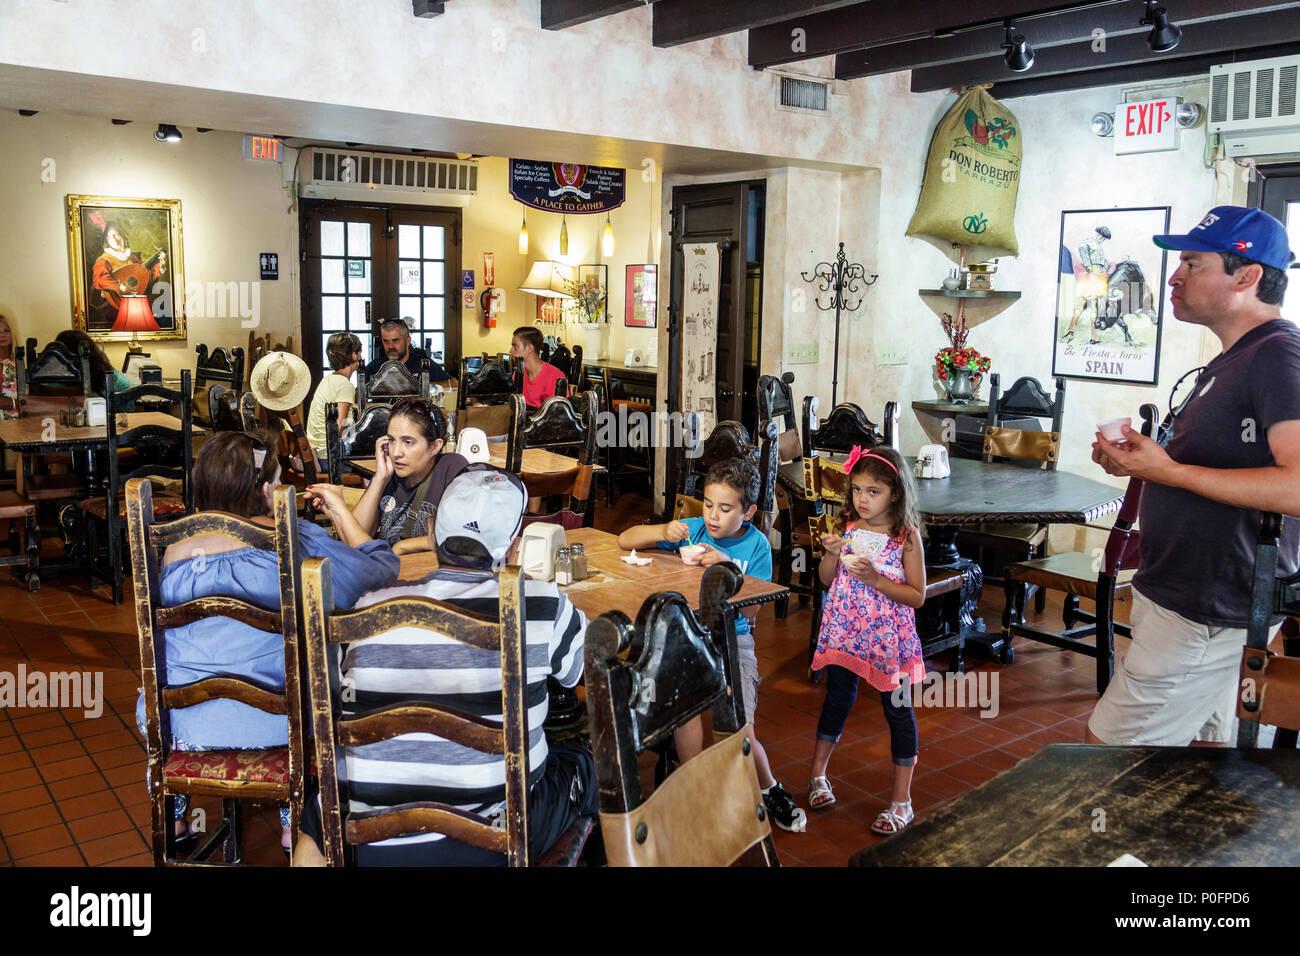 Cafe De Centro St Augustine